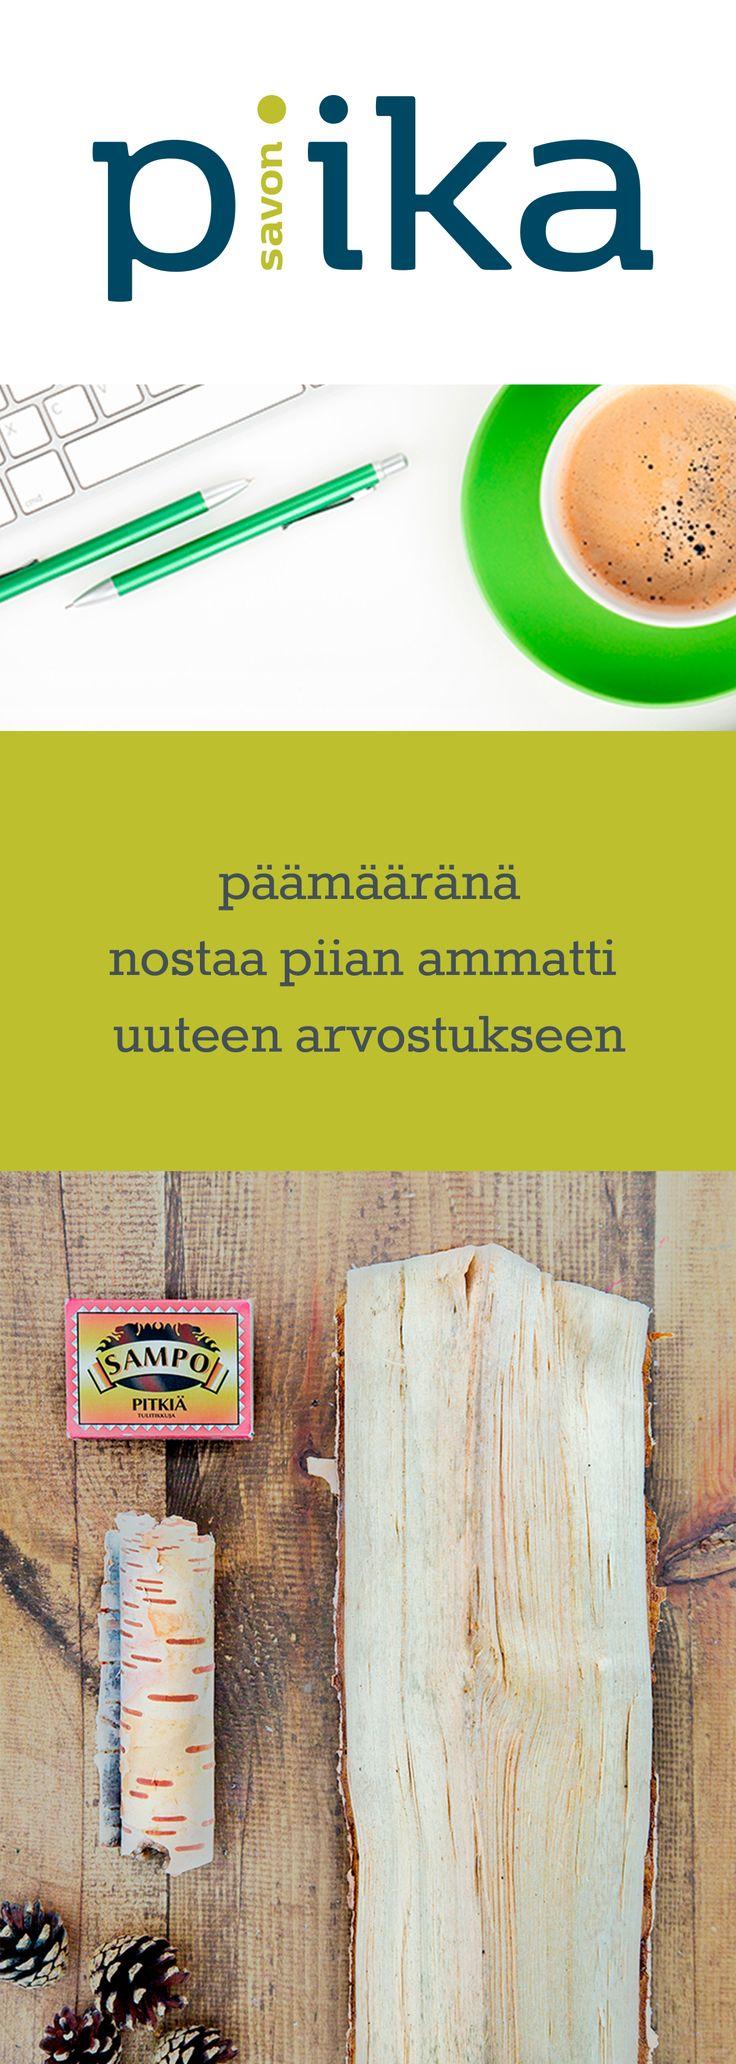 Yritysilmeen facelift ja verkkopalvelun uudistus, Savon Piika. www.savonpiika.fi